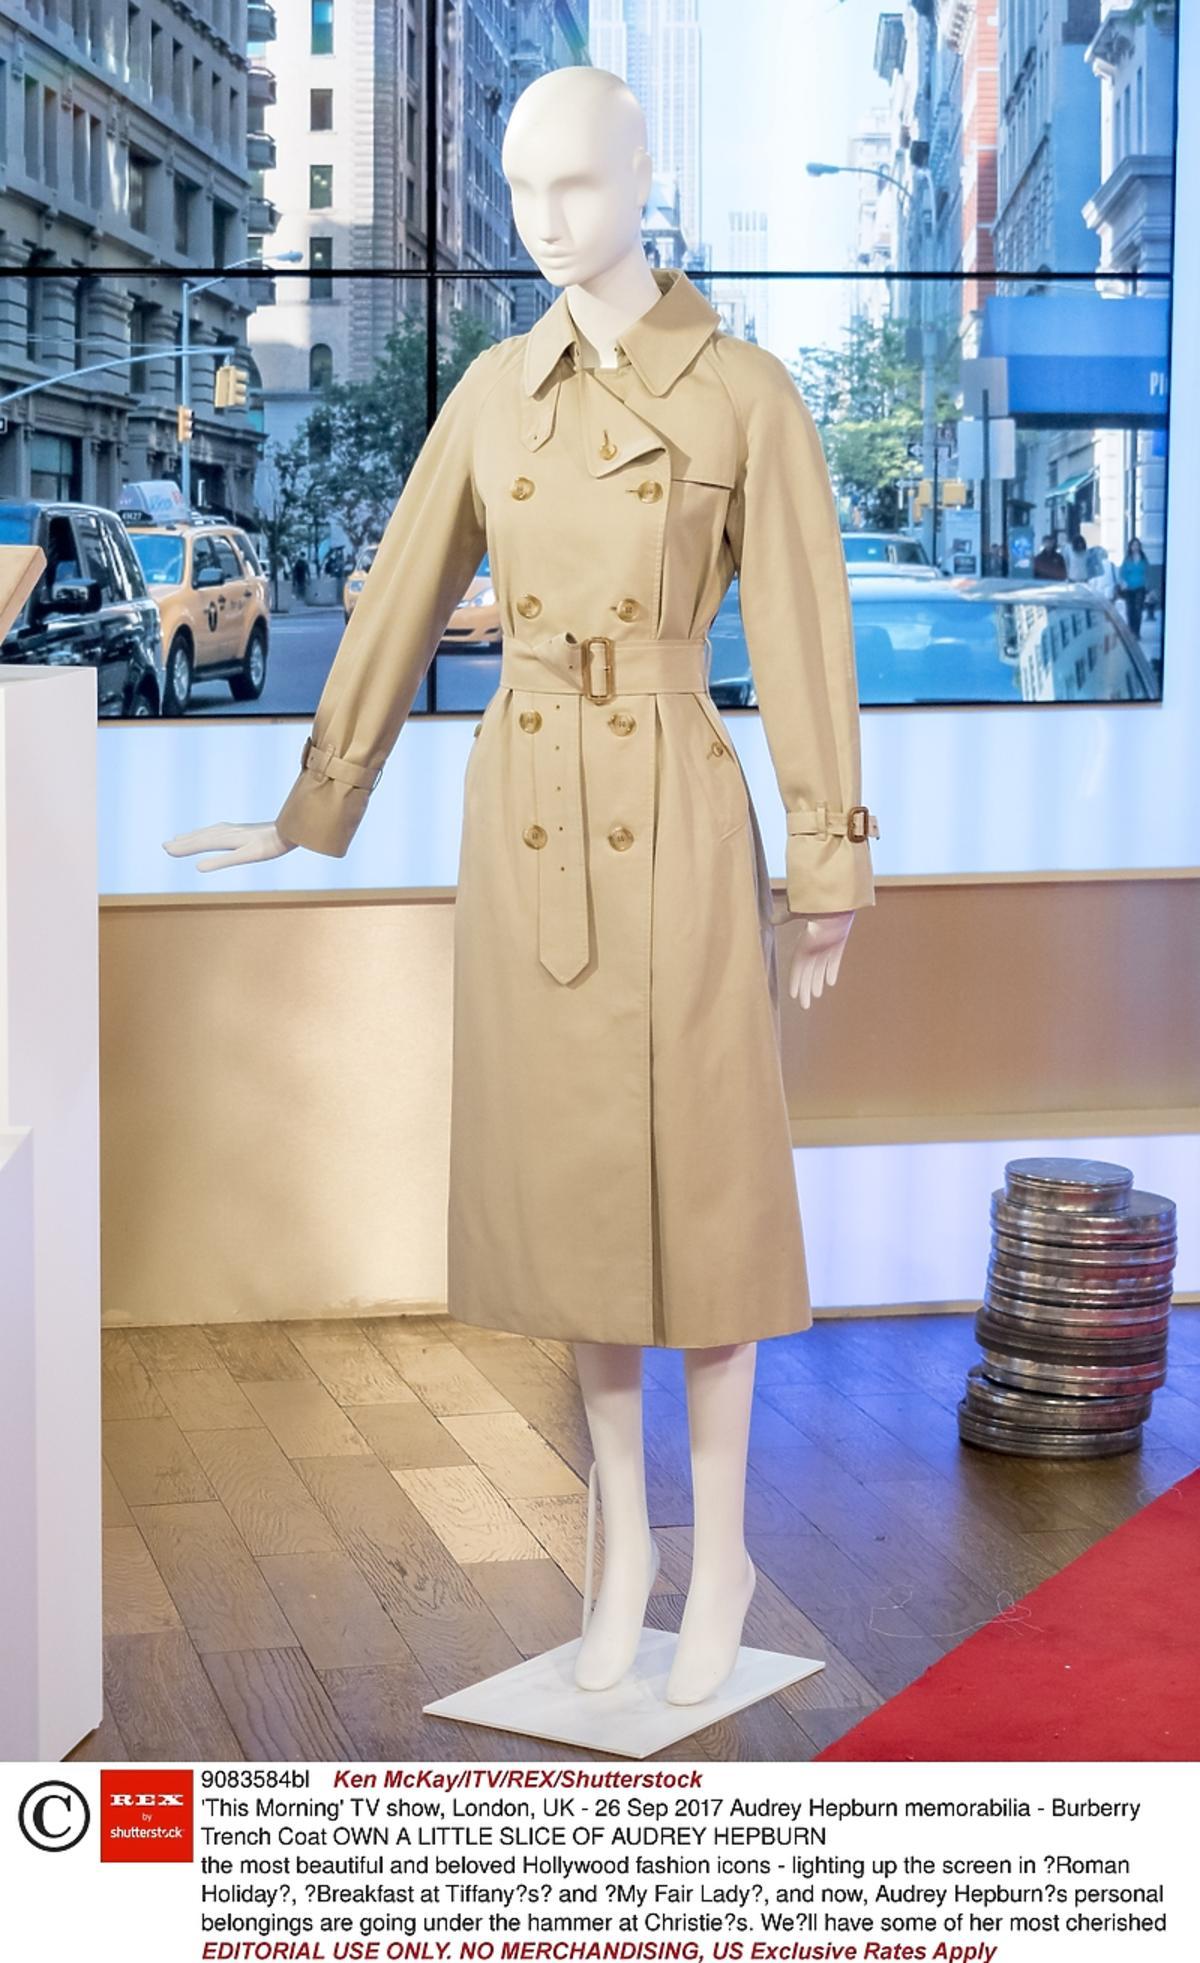 Płaszcz Burberry, który nosiła Audrey Hepburn